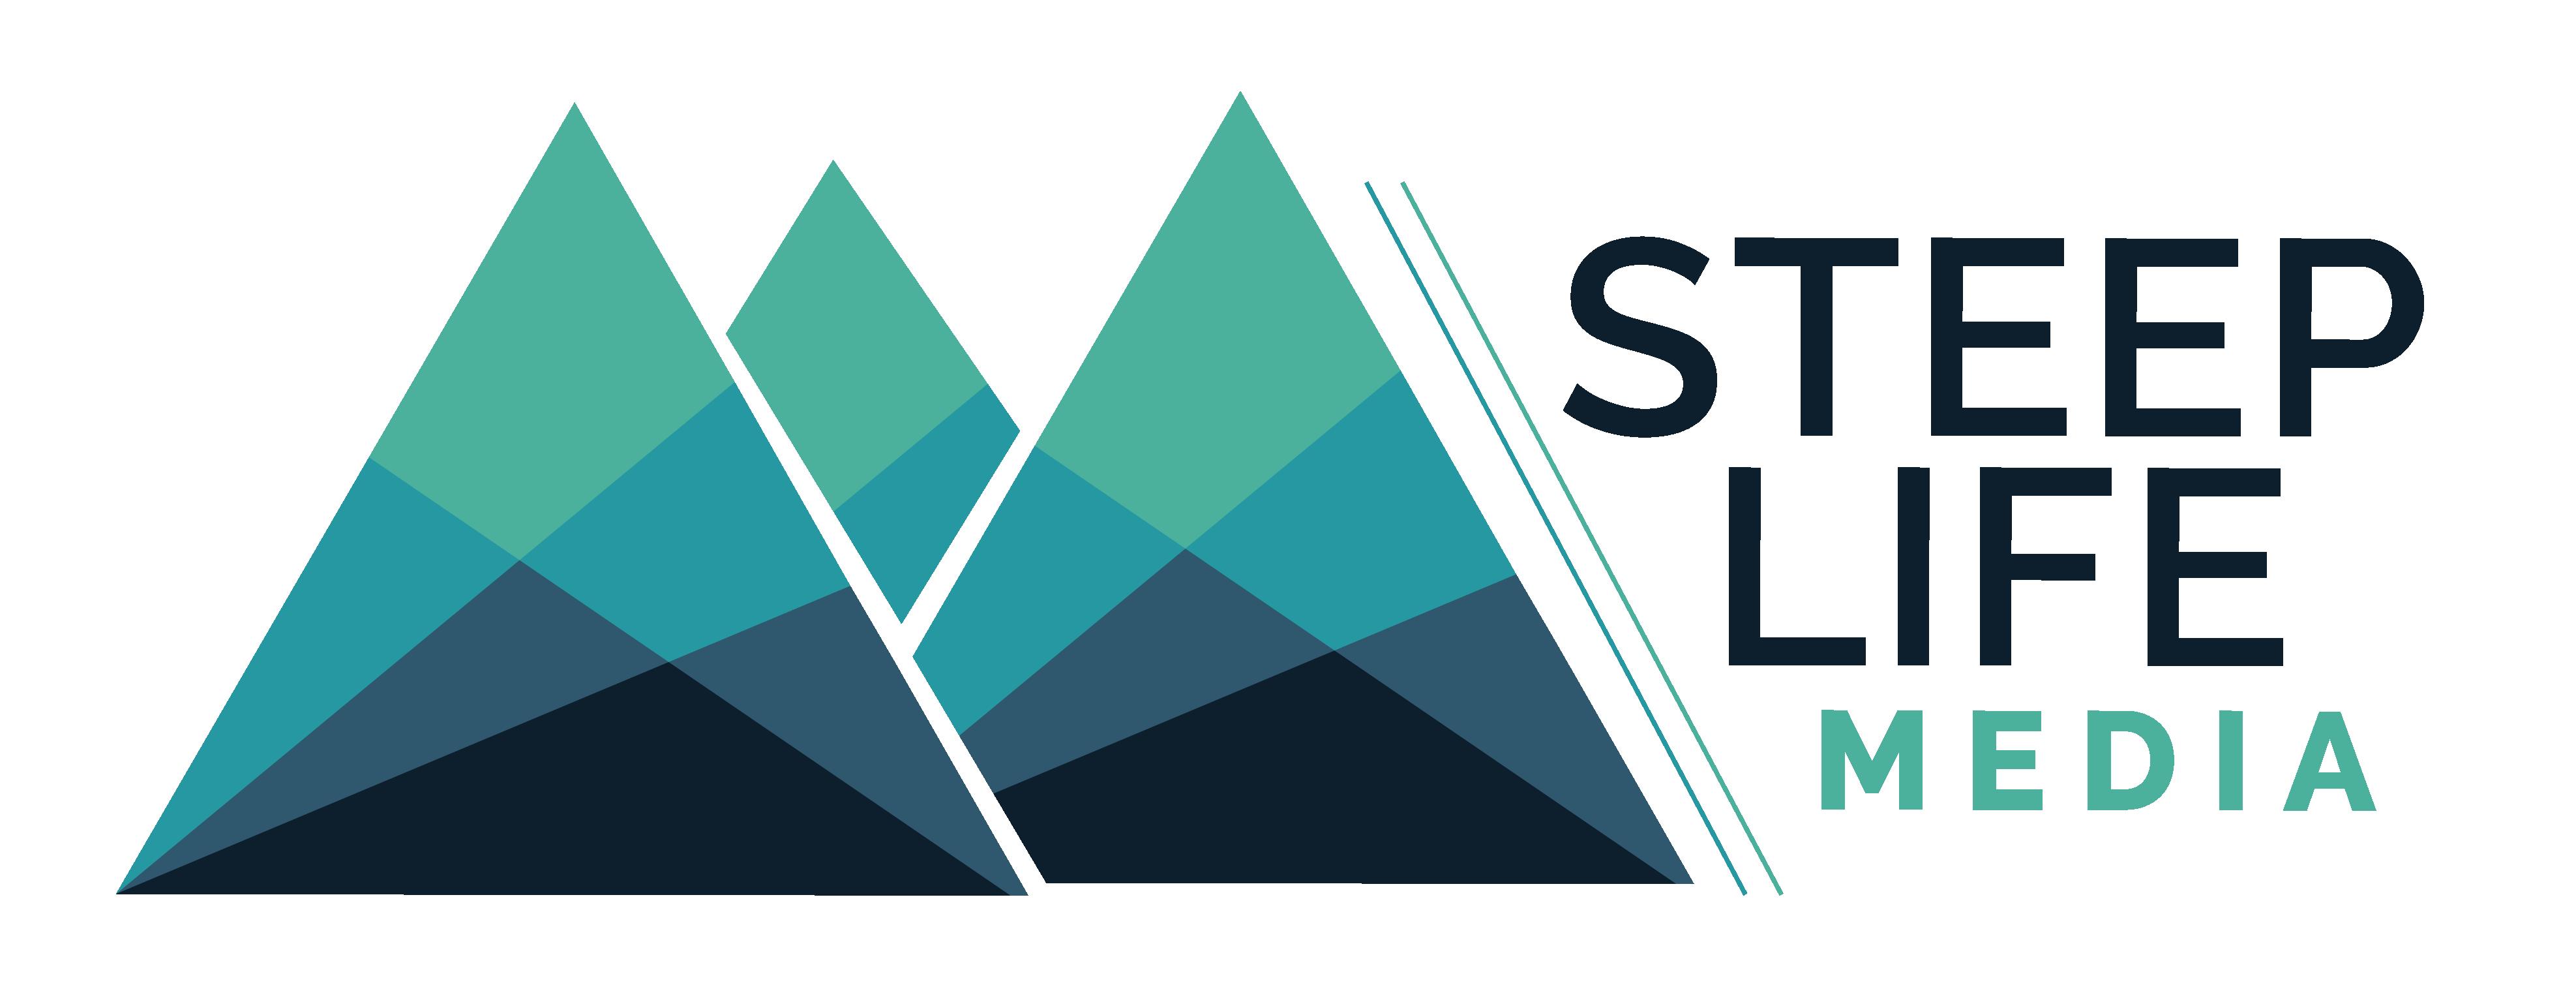 Steep Life Media